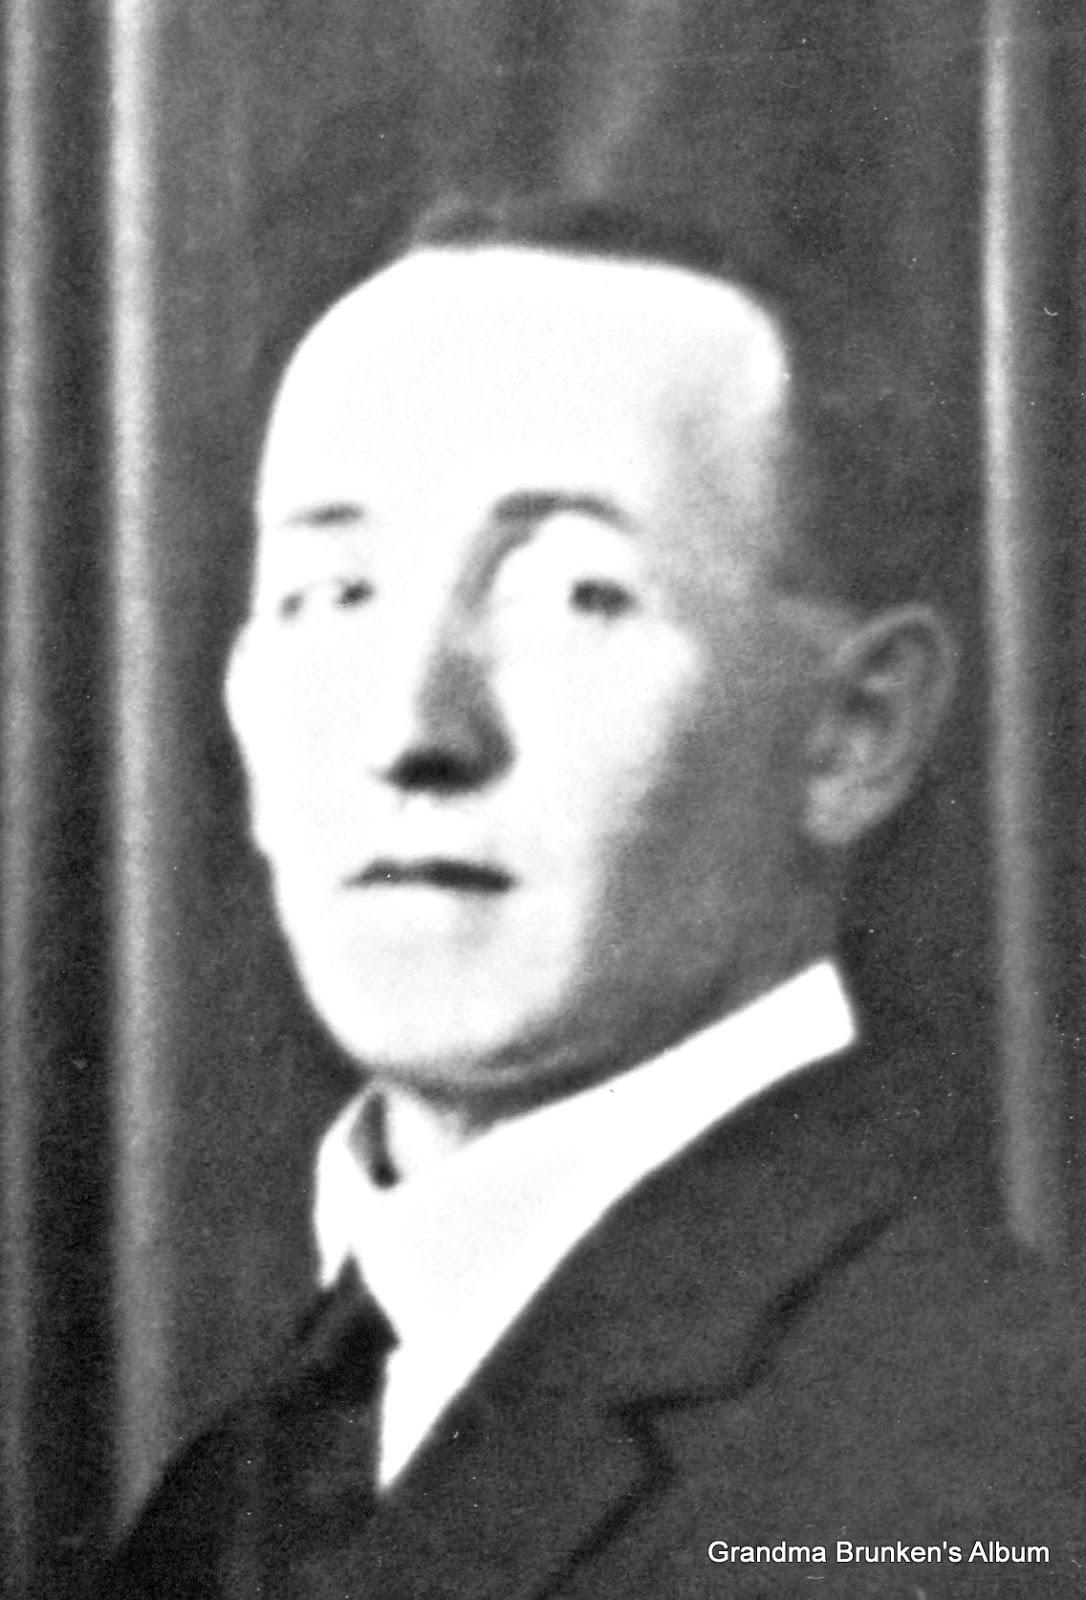 Otto Brunken